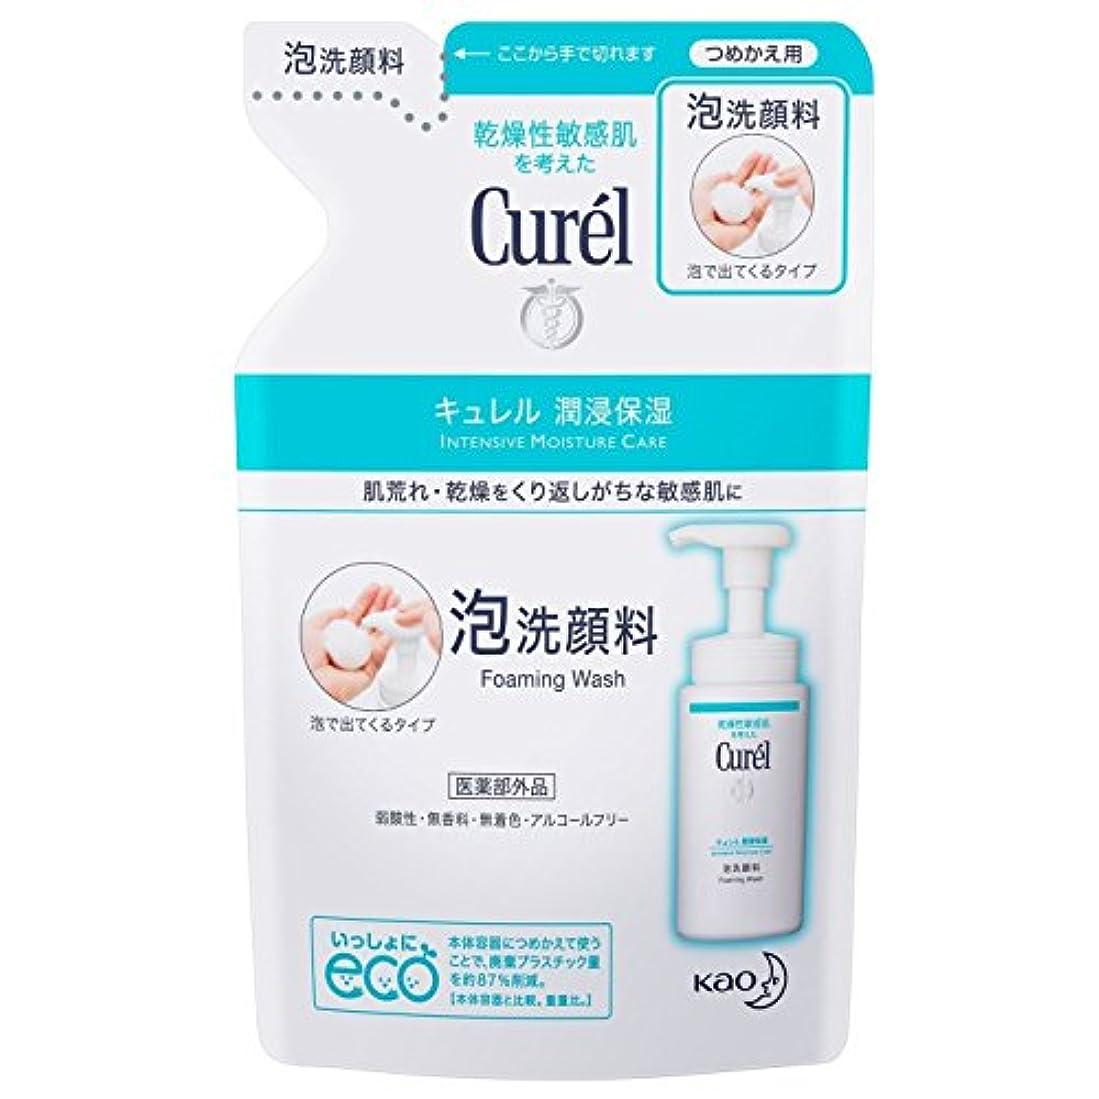 関税押すフラップ【花王】Curel(キュレル) 泡洗顔料 つめかえ用 130ml ×5個セット